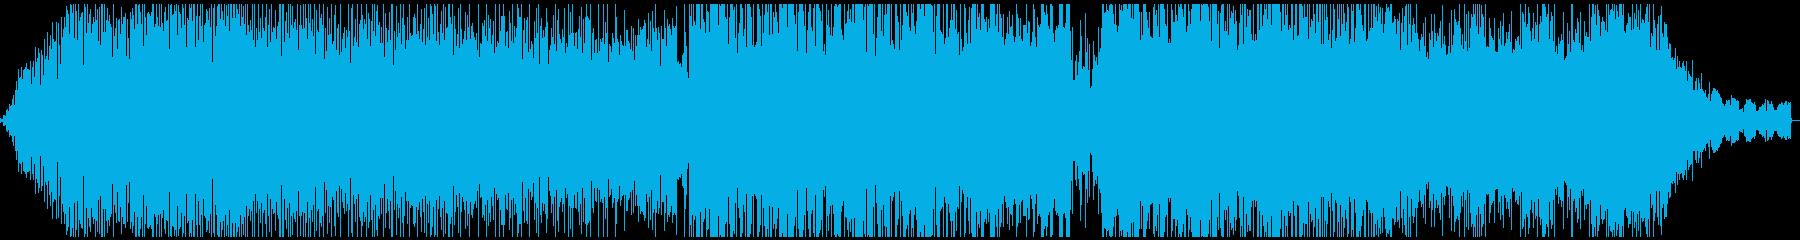 癒やし系アコースティックエレクトロニカの再生済みの波形